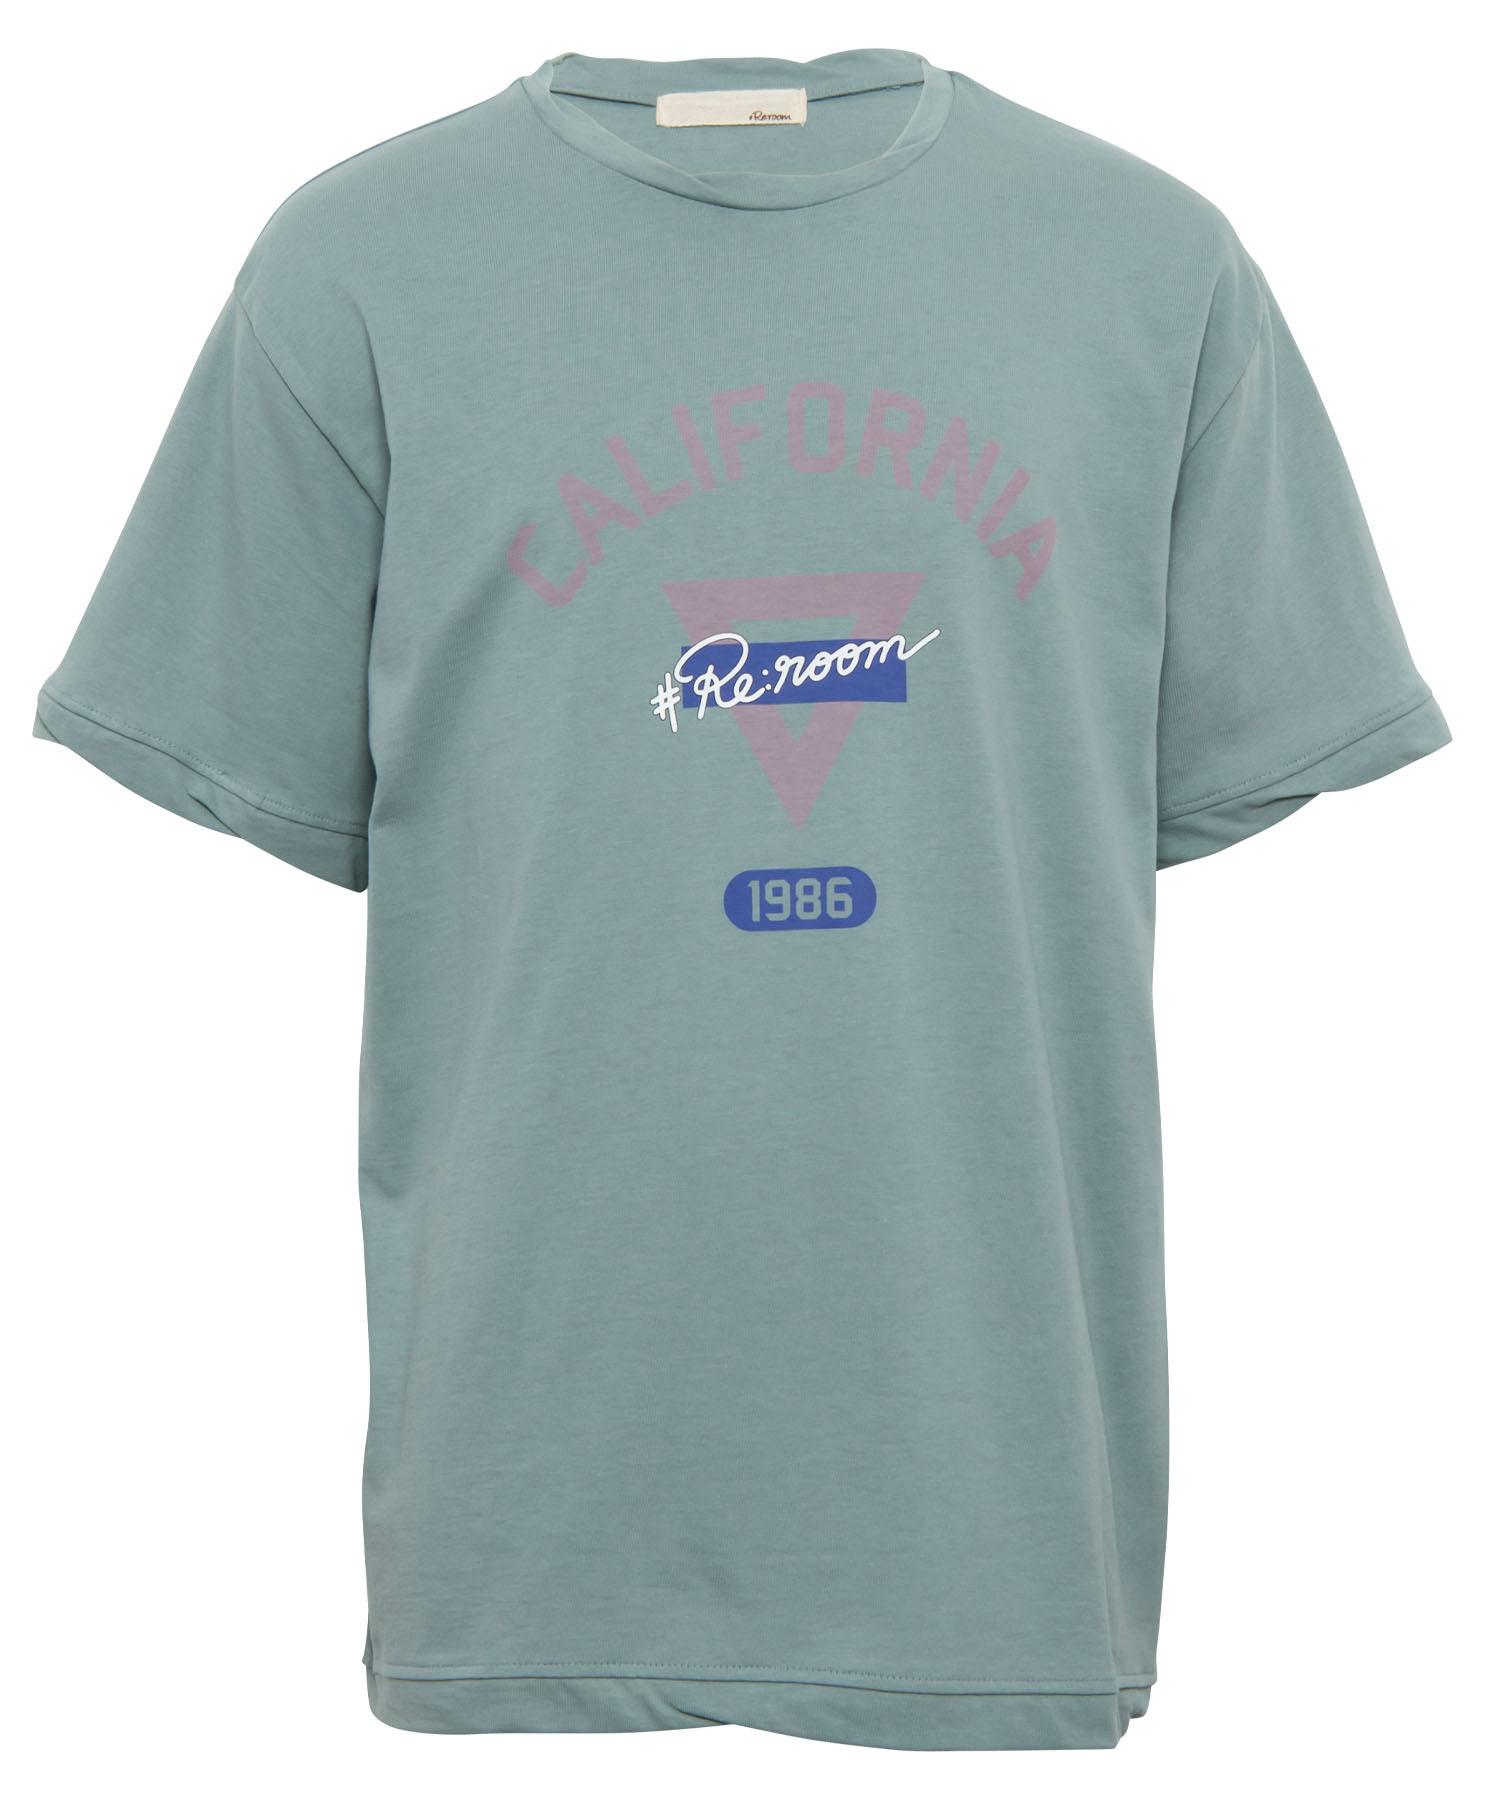 TWIST RIB CALIFORNIA 1986 PRINT T-shirt[REC402]